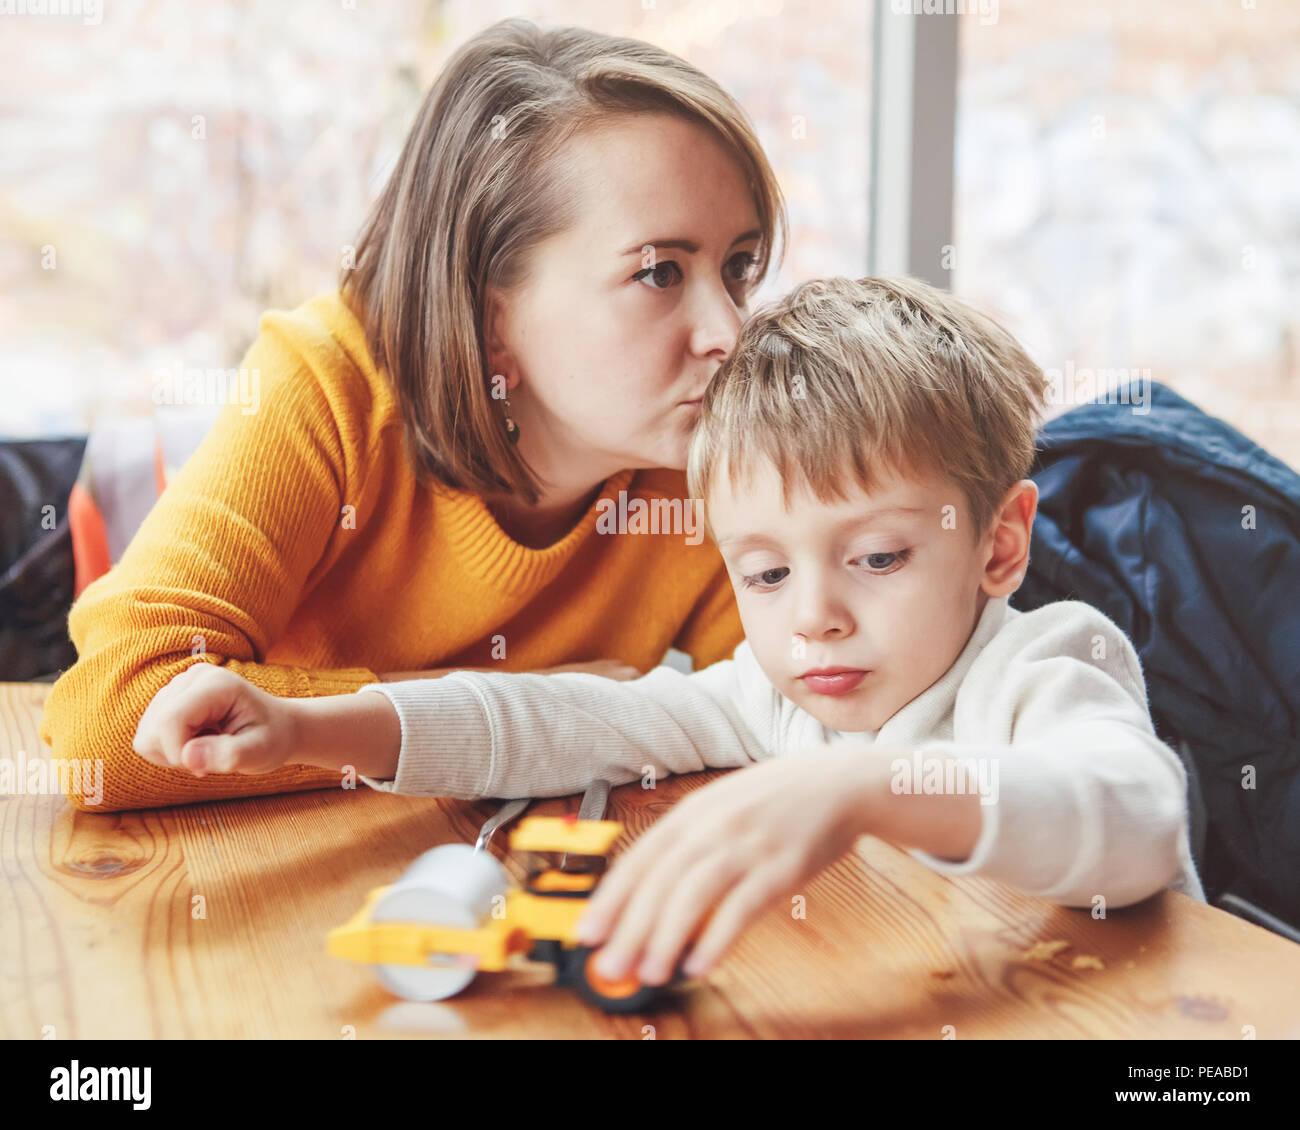 Portrait von weissen Kaukasischen glückliche Familie, Mutter und Sohn, im Restaurant Cafe sitzen am Tisch, Küssen spielen mit Spielzeug Auto, authentischen Lebensstil Stockbild